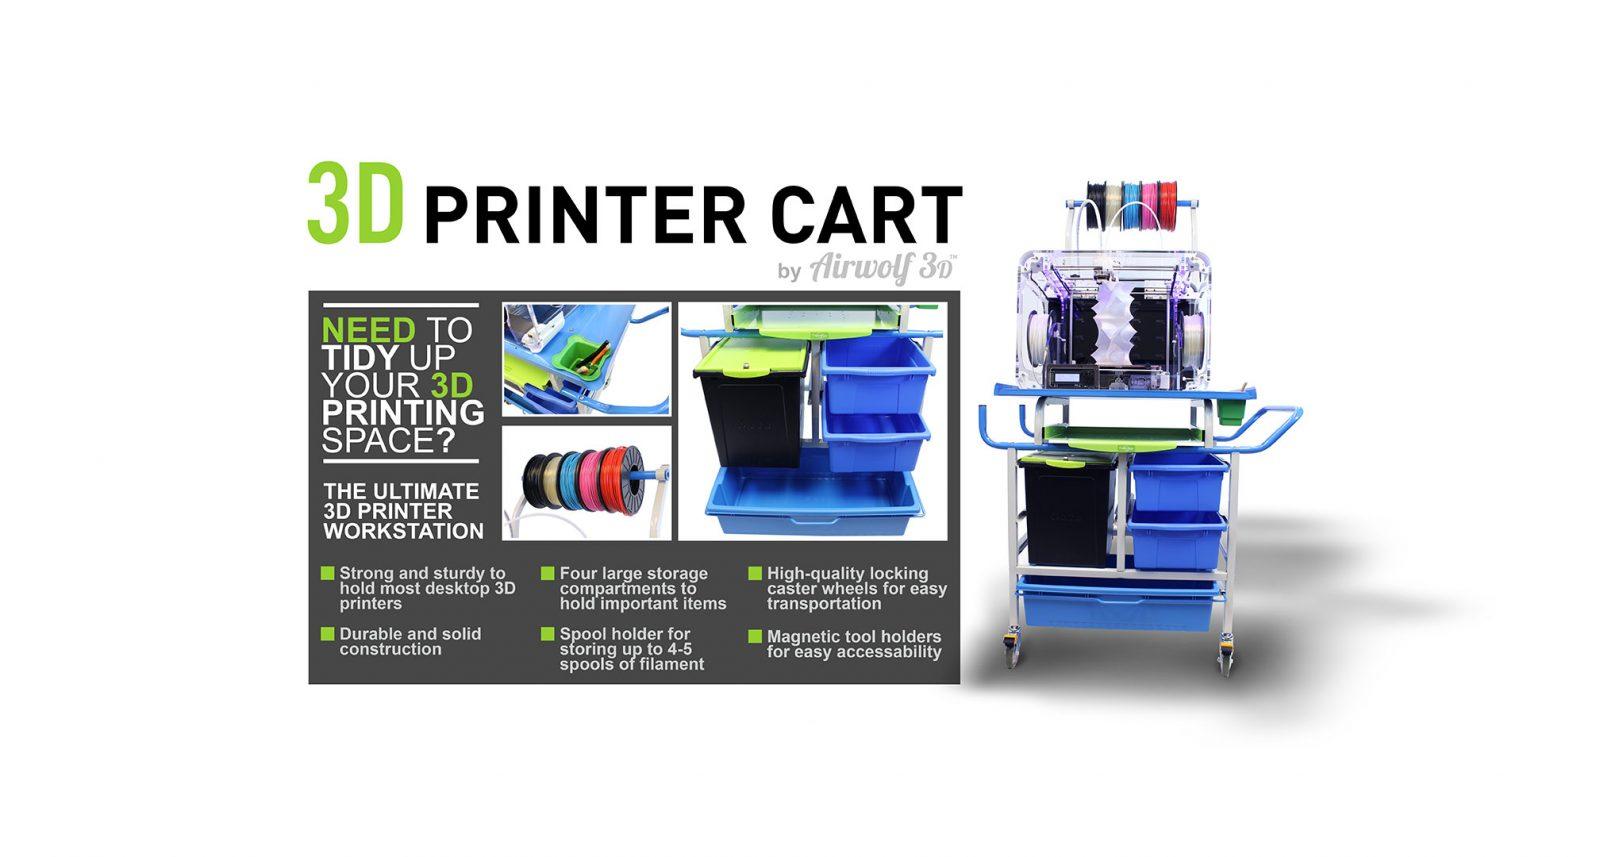 announcing the new 3d printer cart from airwolf 3d - Printer Cart